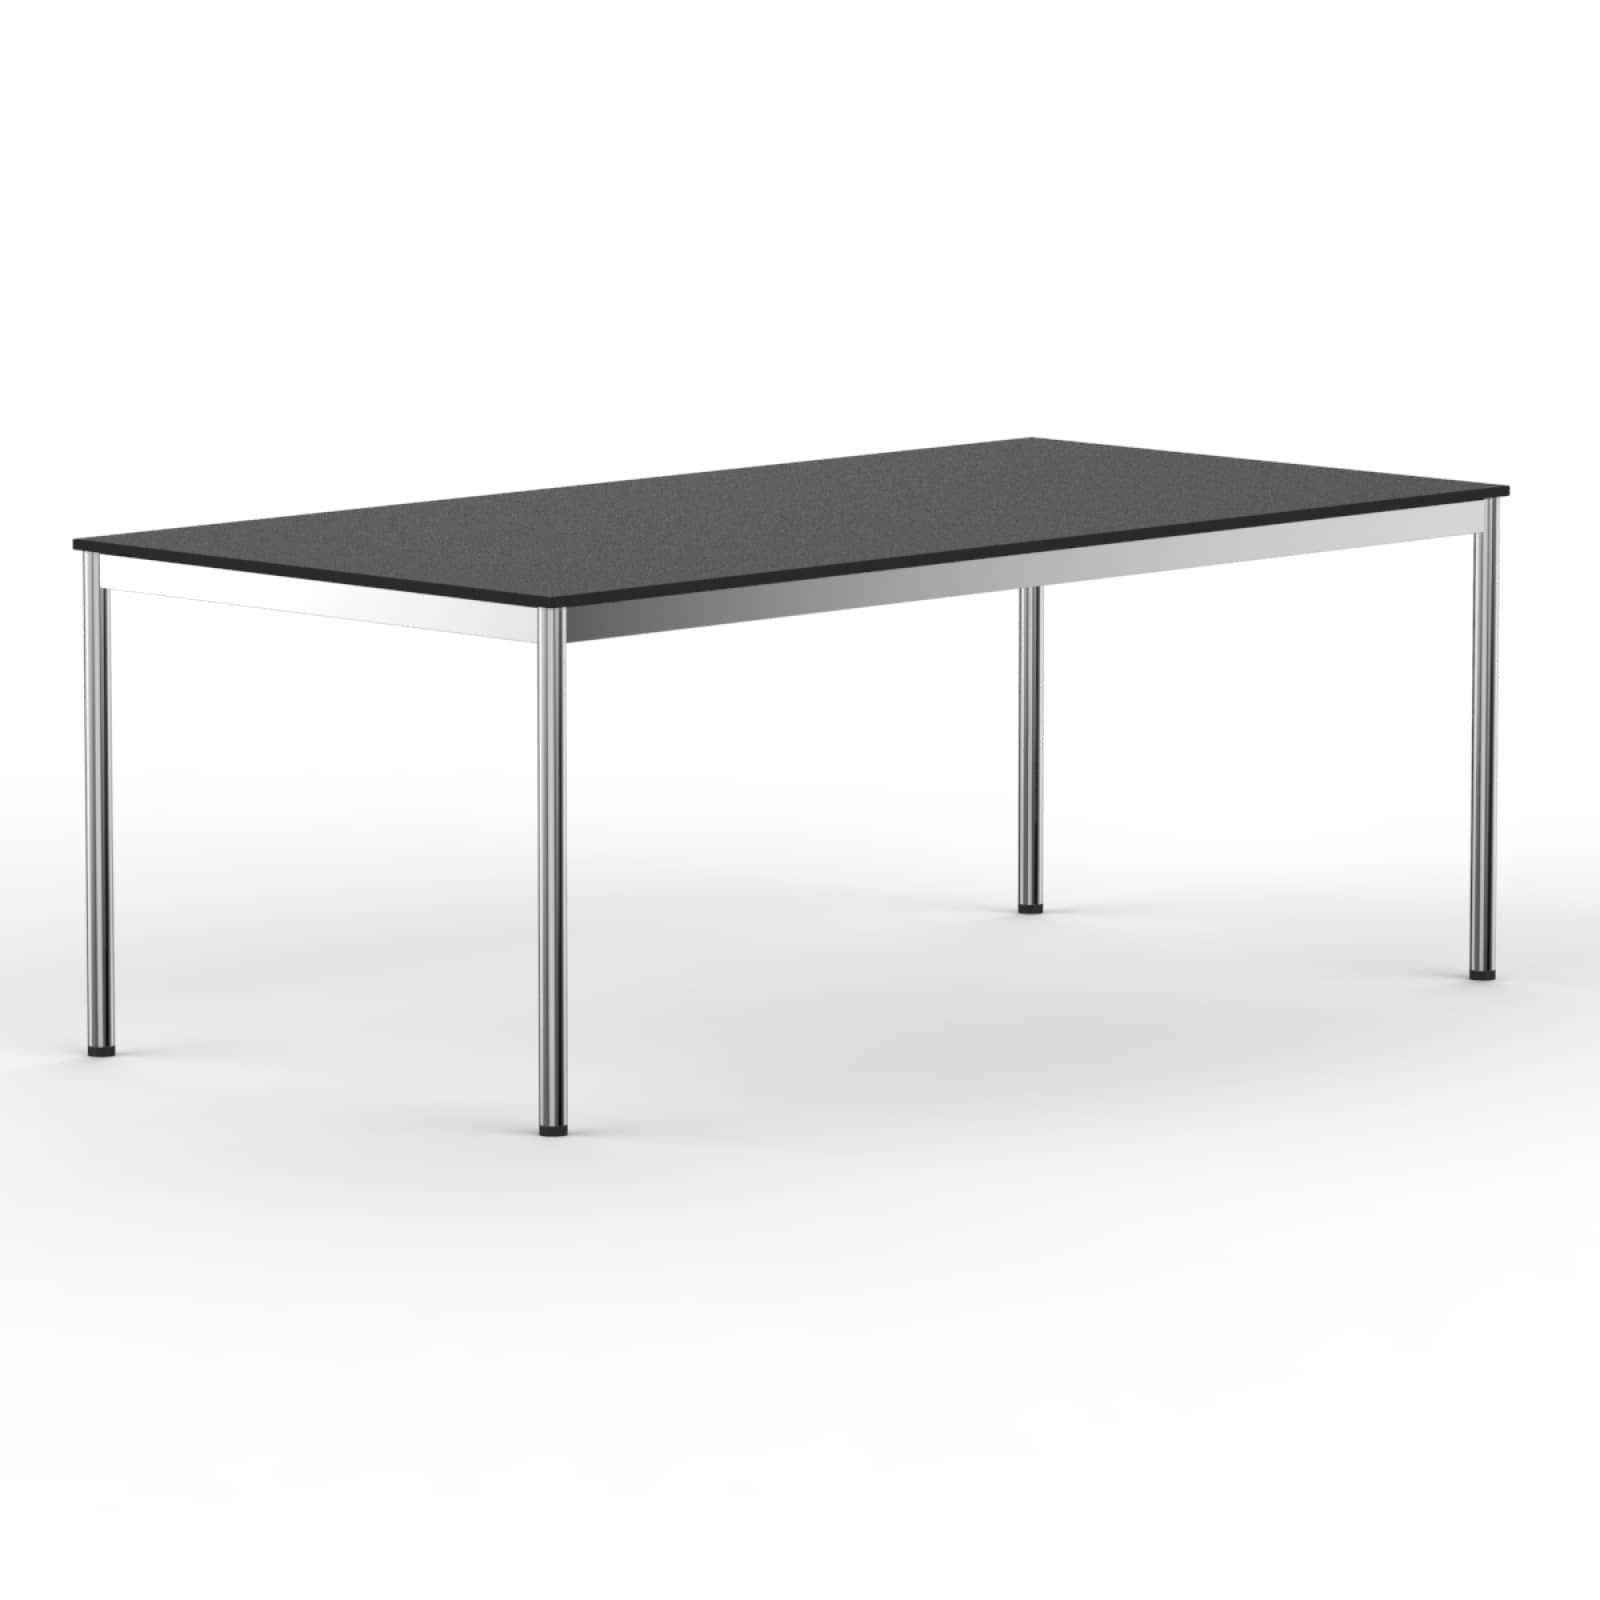 schreibtisch konferenztisch 200x90cm schwarz versee. Black Bedroom Furniture Sets. Home Design Ideas